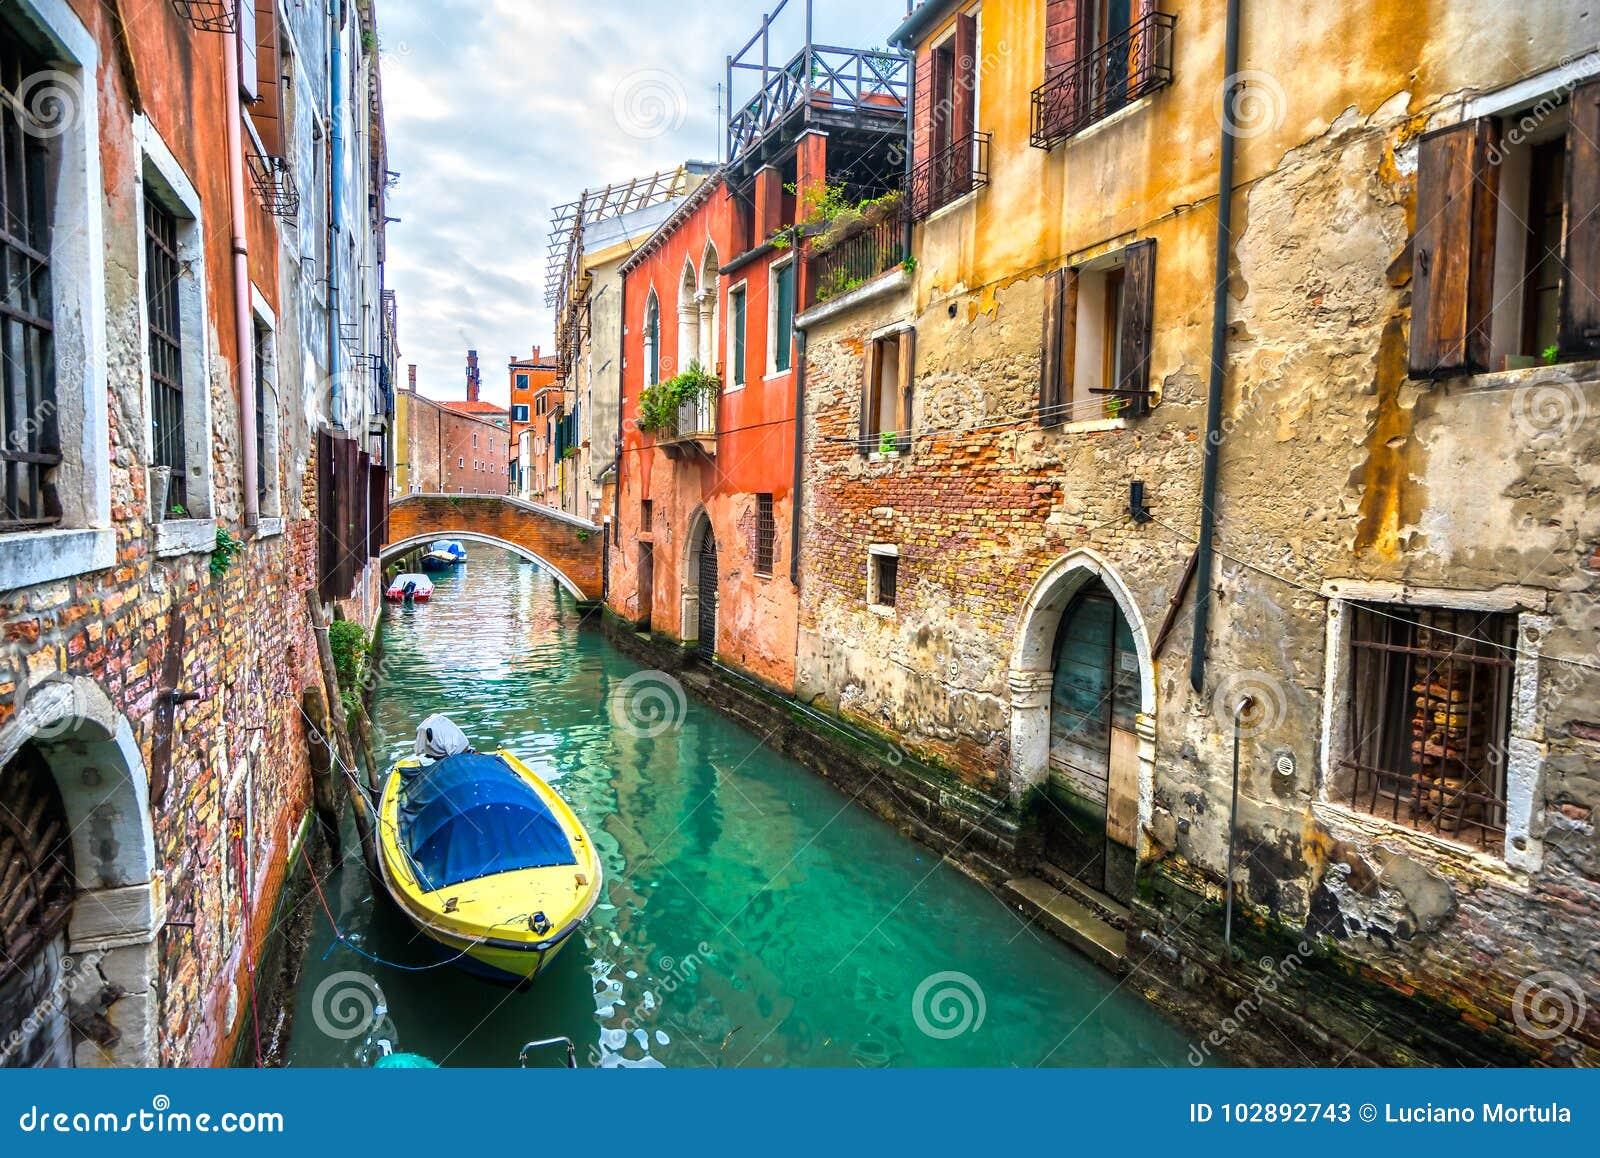 Kanal med gondoler, Venedig, Italien